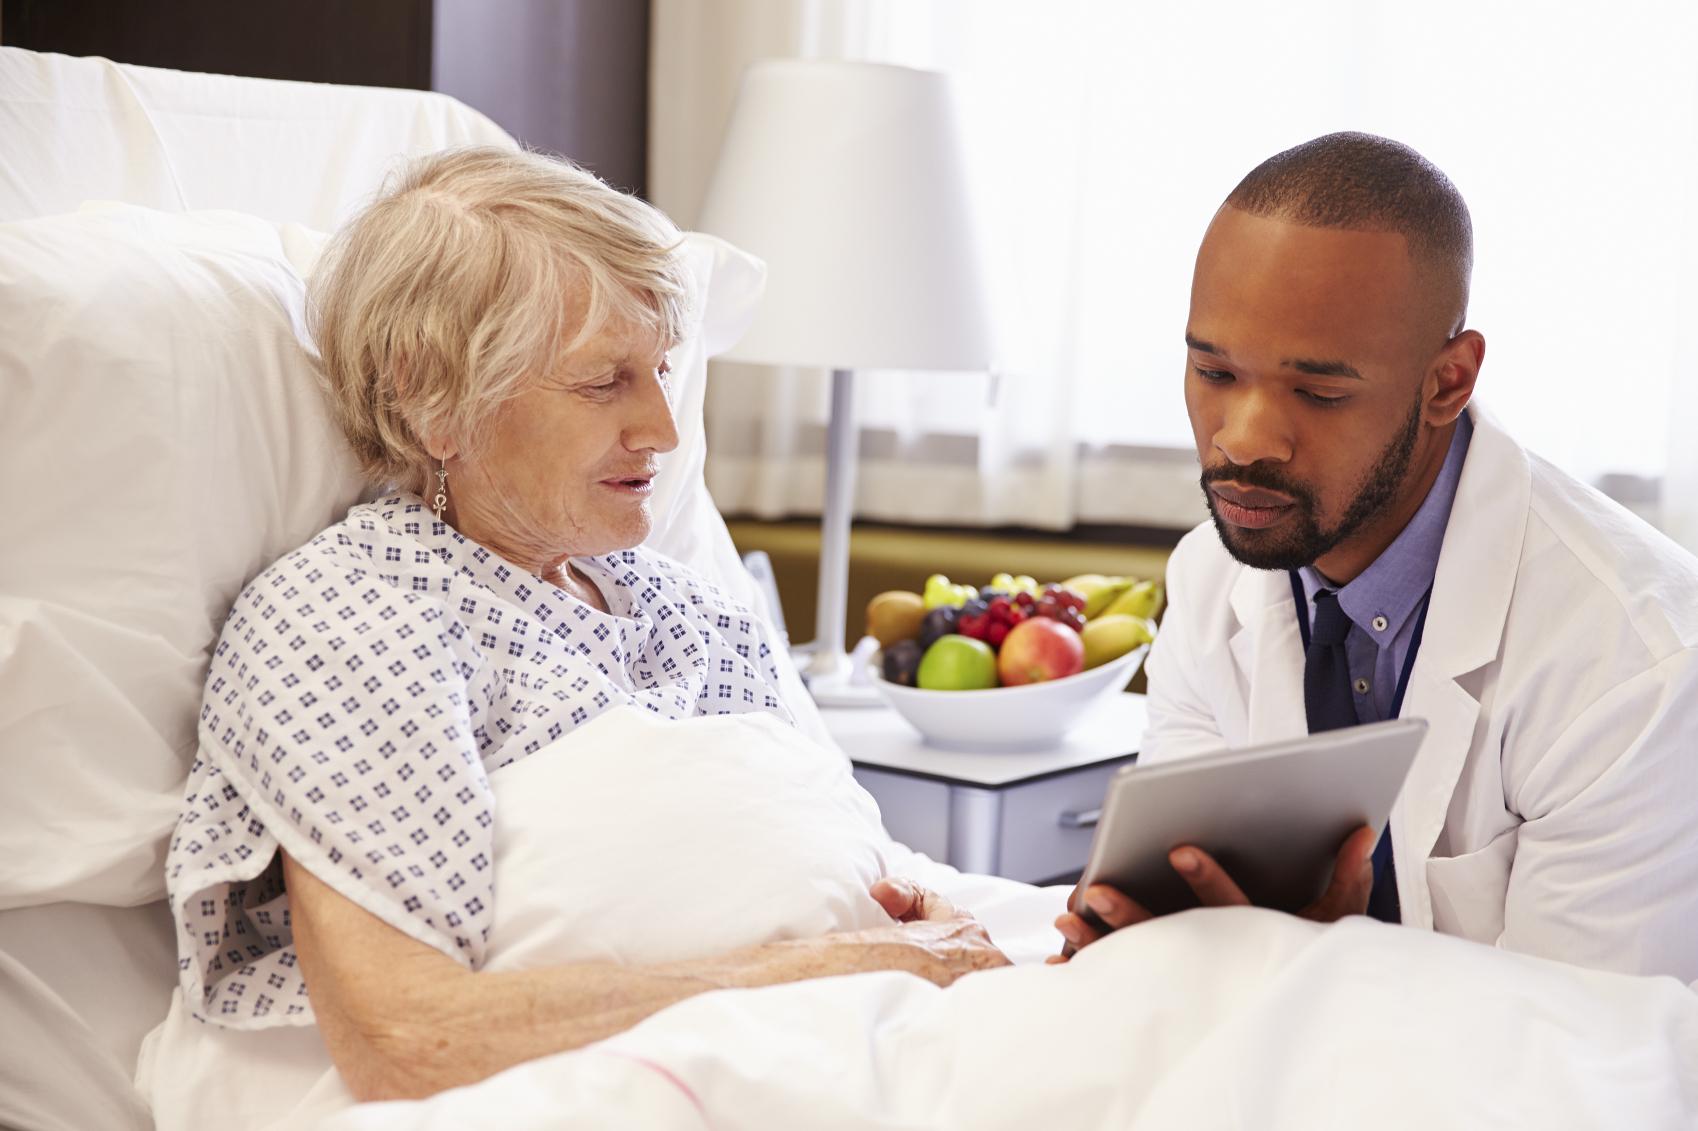 La tablette numérique permet aux malades du covid-19 de garder un contact avec leur famille